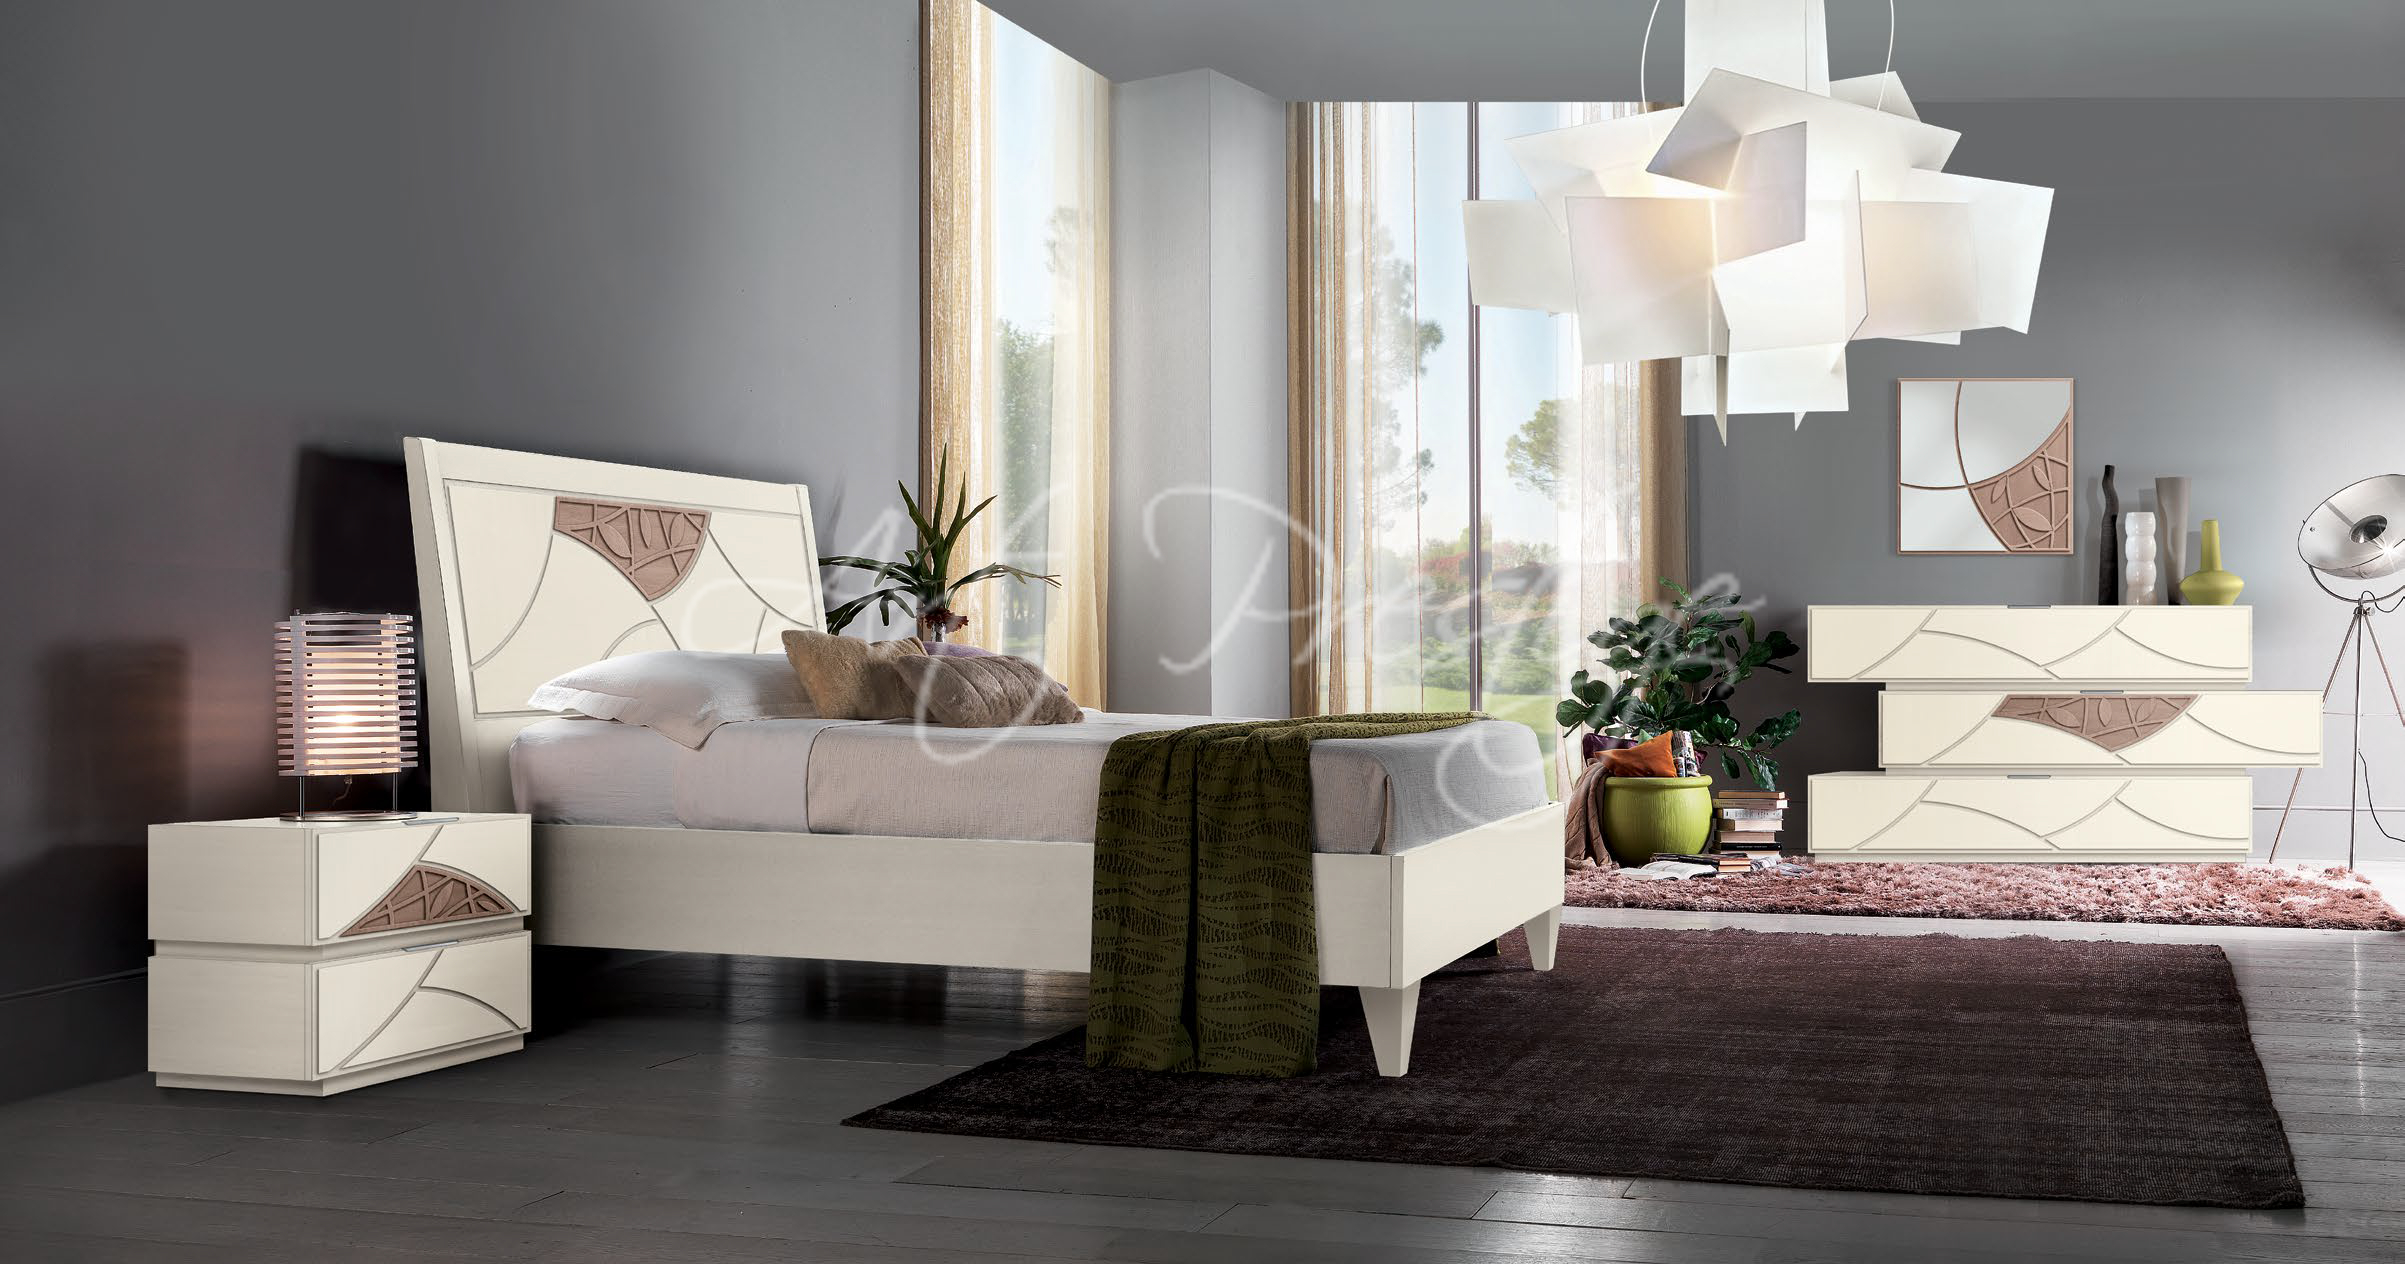 Camera da letto con decori art prestige luxury - Decori camera da letto ...